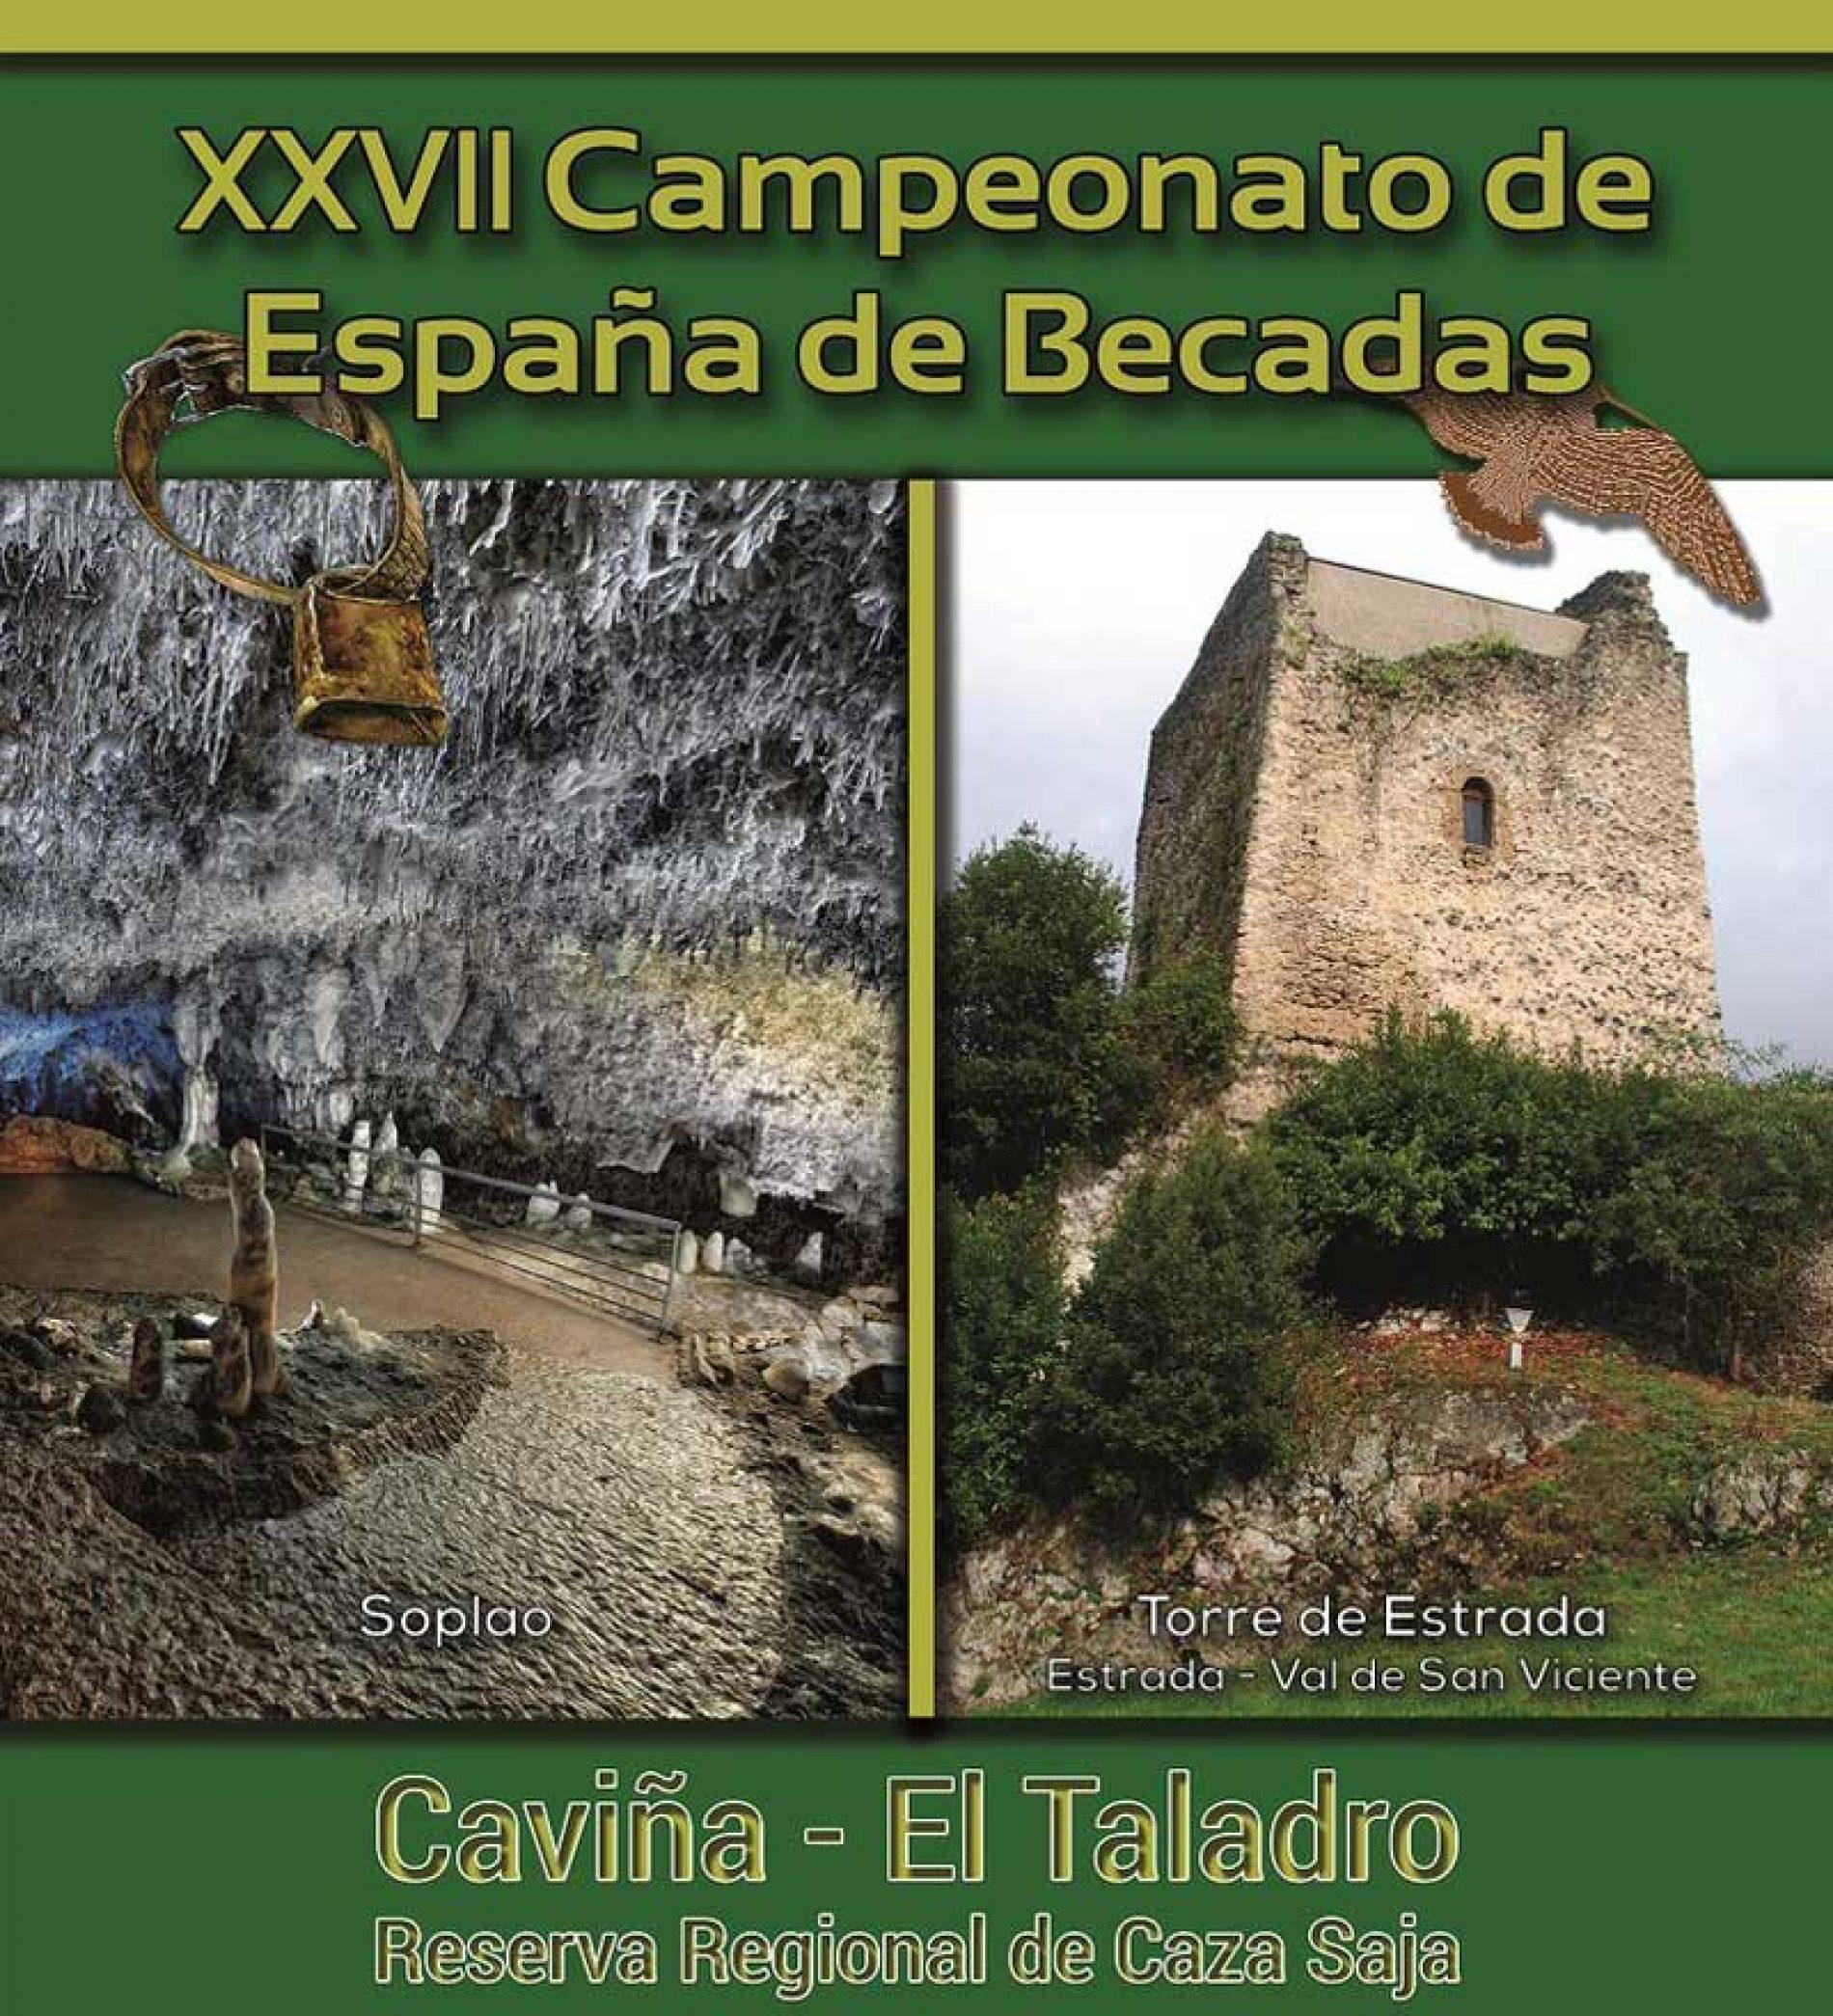 Programa oficial del XXVII Campeonato de España de Becadas